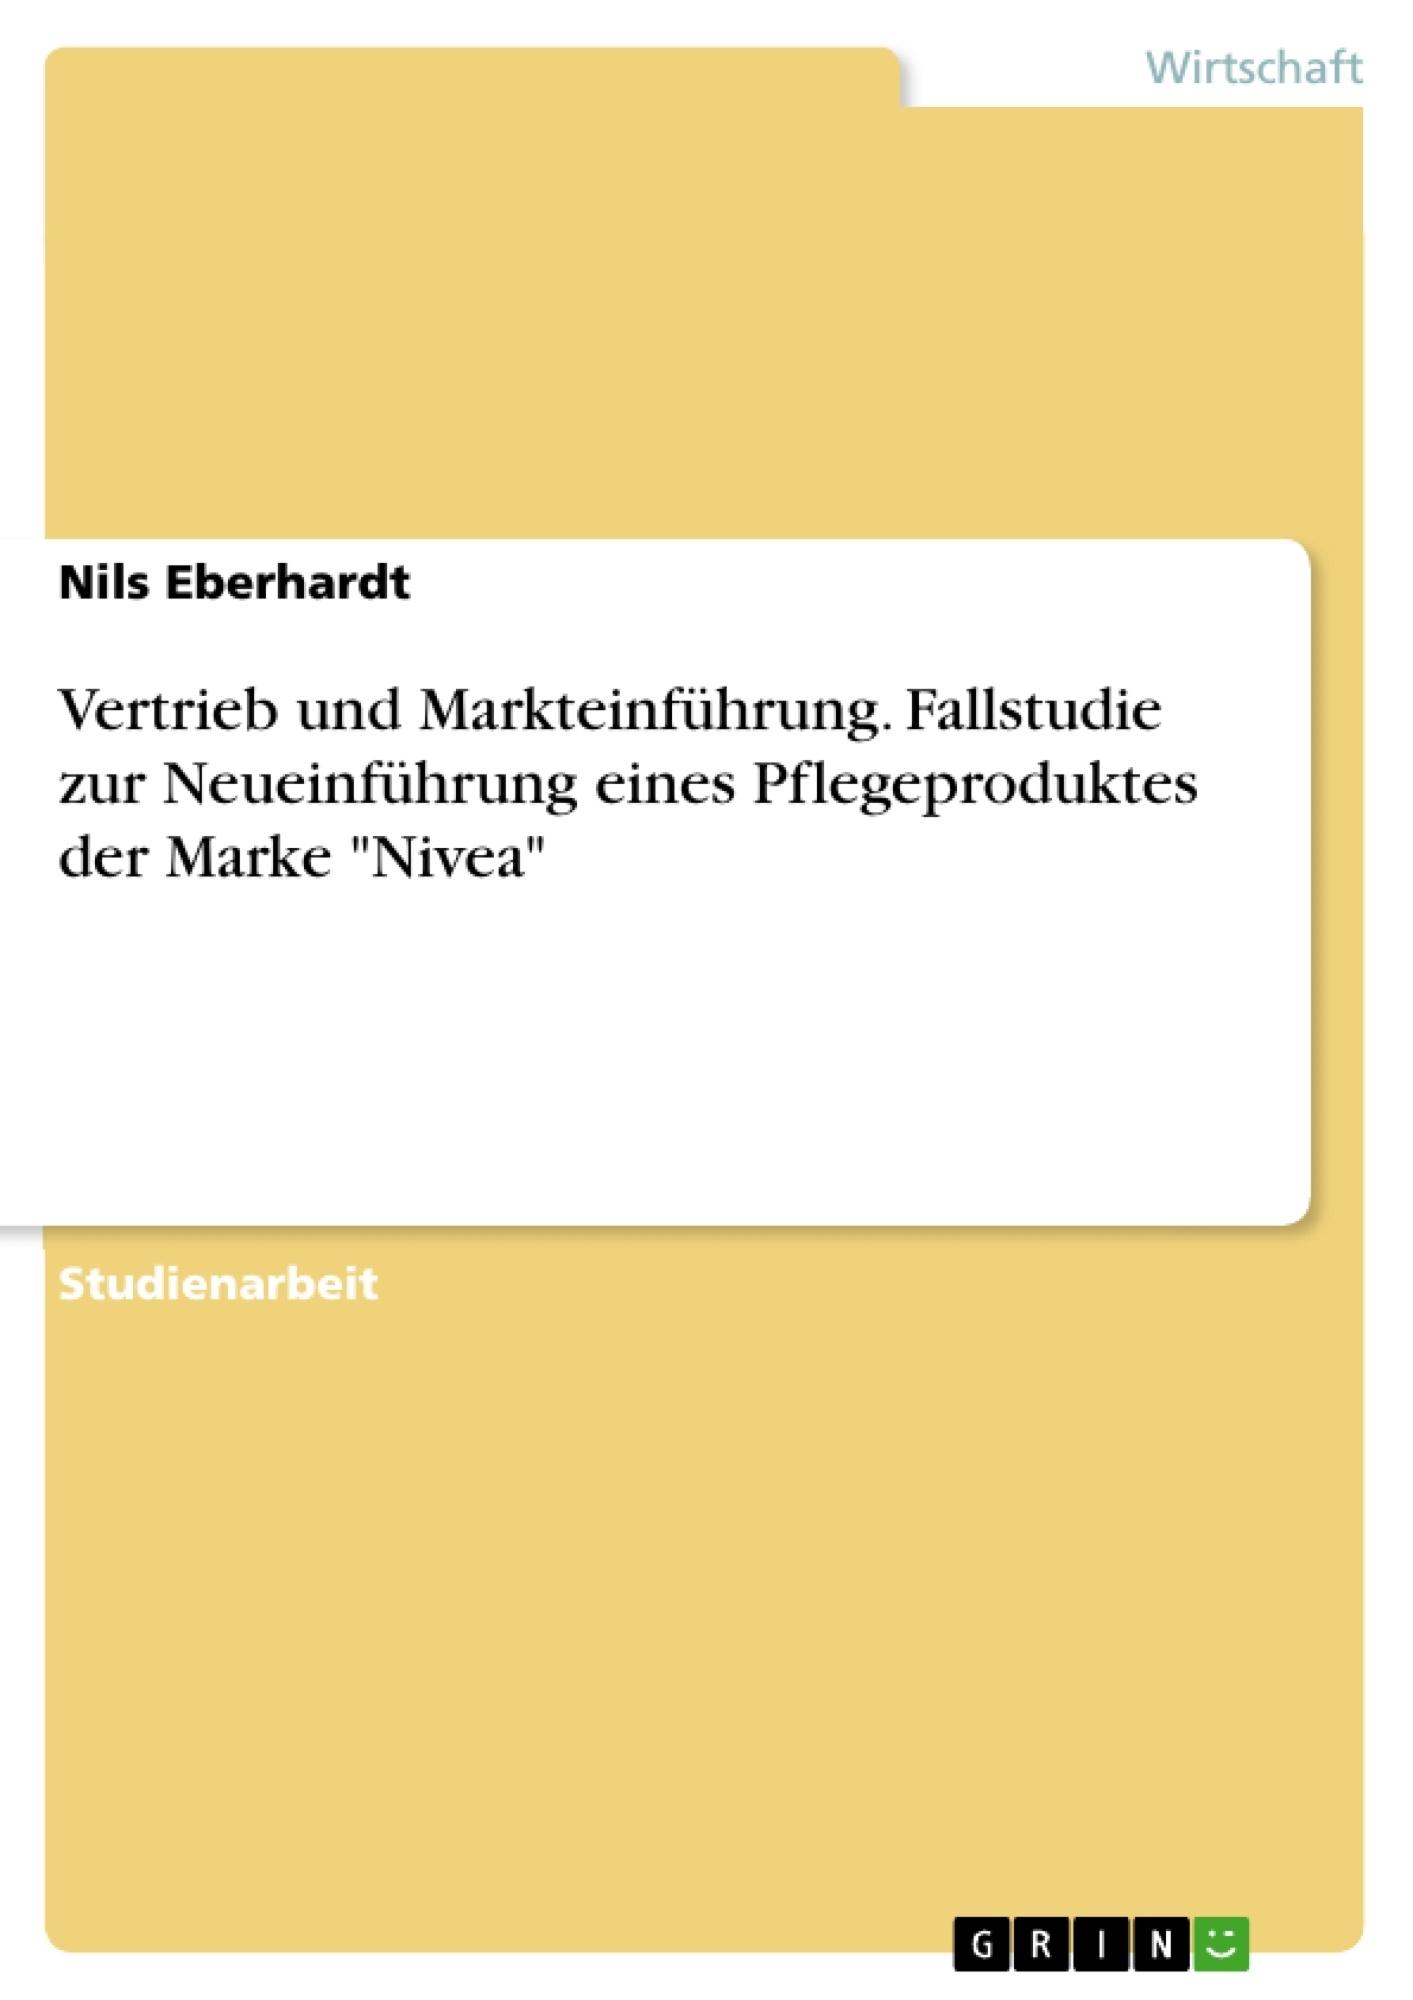 """Titel: Vertrieb und Markteinführung. Fallstudie zur Neueinführung eines Pflegeproduktes der Marke """"Nivea"""""""